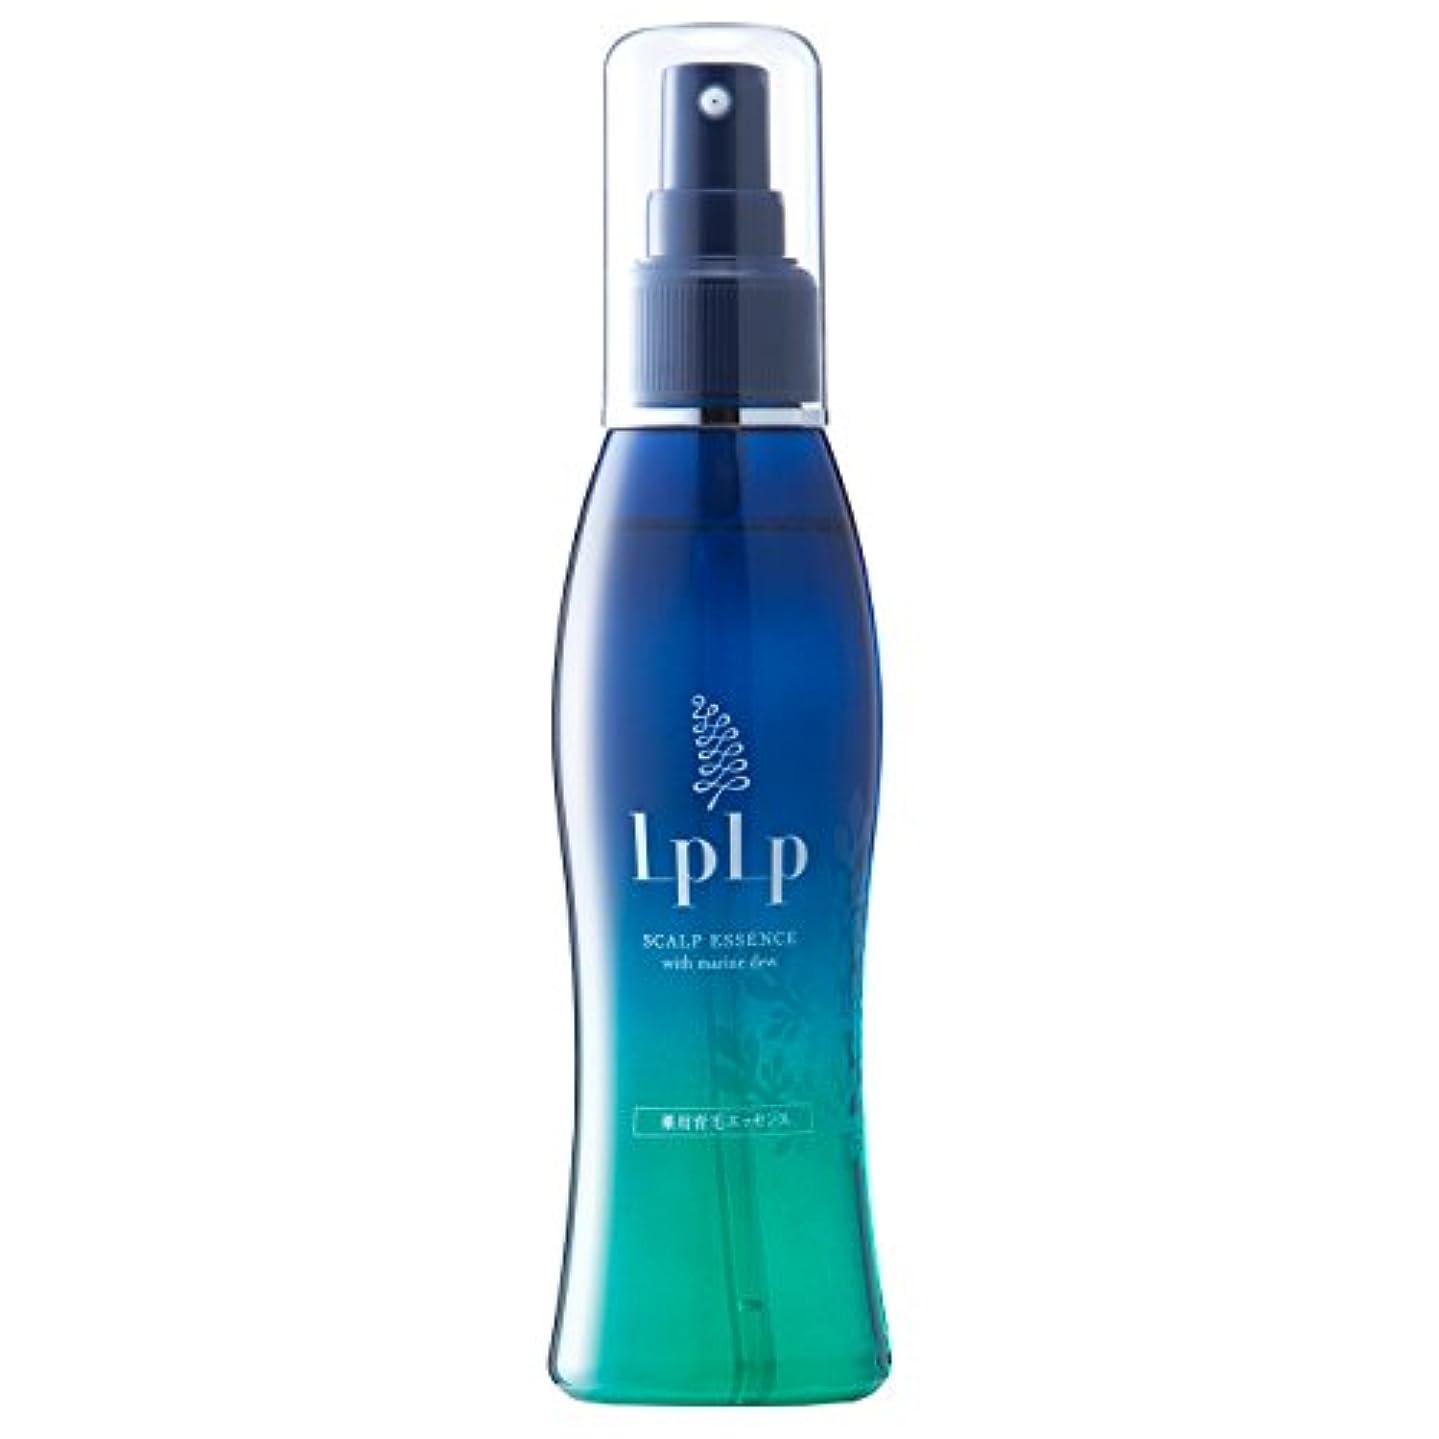 端噛むキロメートルLPLP(ルプルプ) 薬用育毛エッセンス 150ml (医薬部外品)